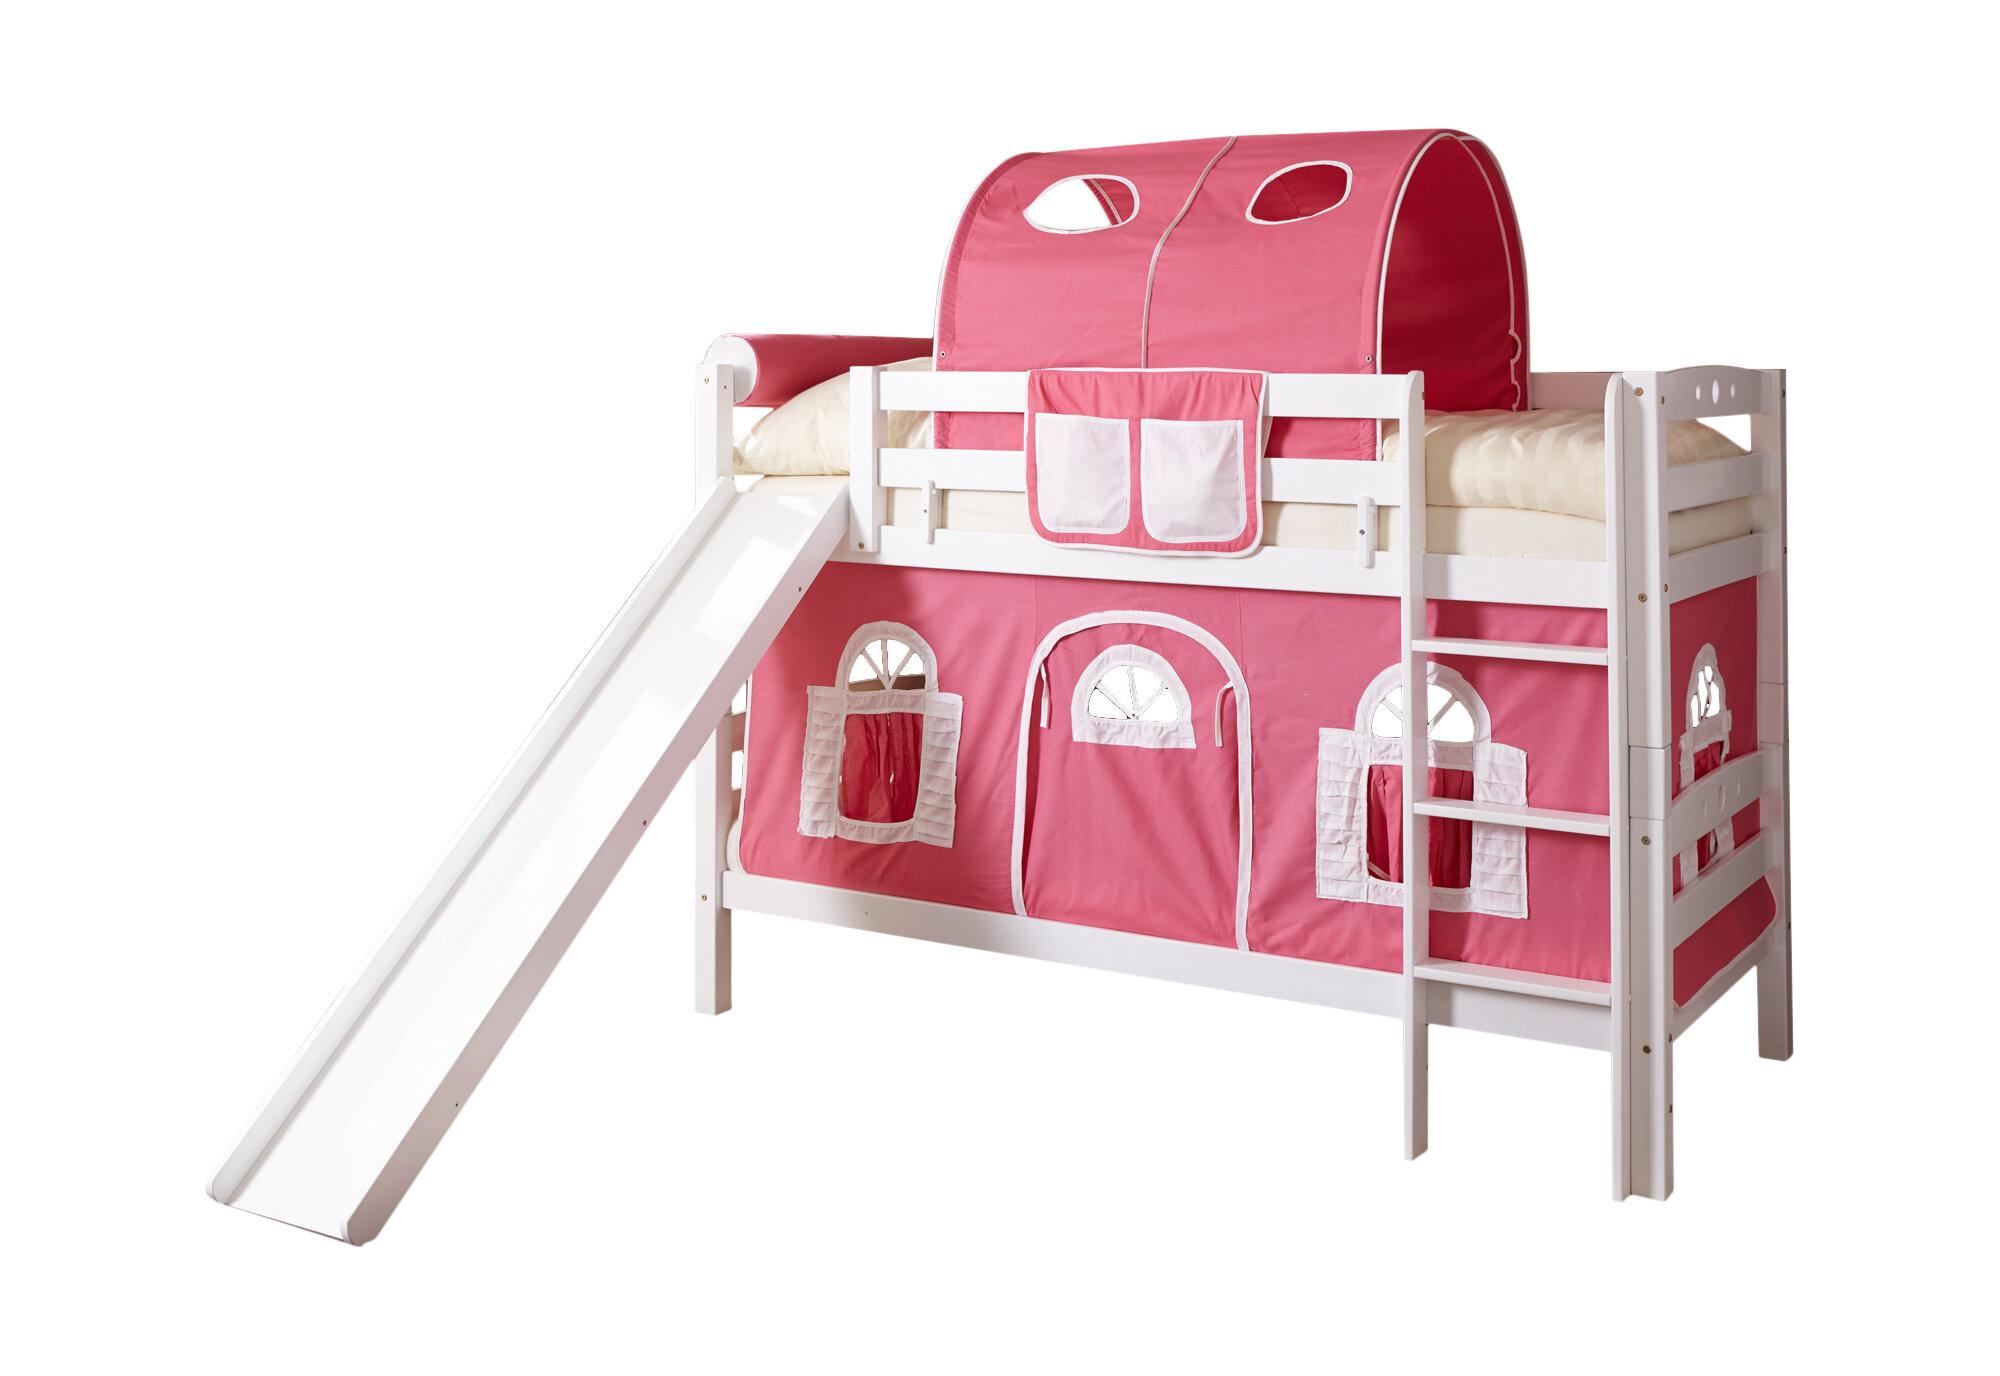 Etagenbett Lupo 2 : Moderne etagenbetten für mehr platz im kinderzimmer